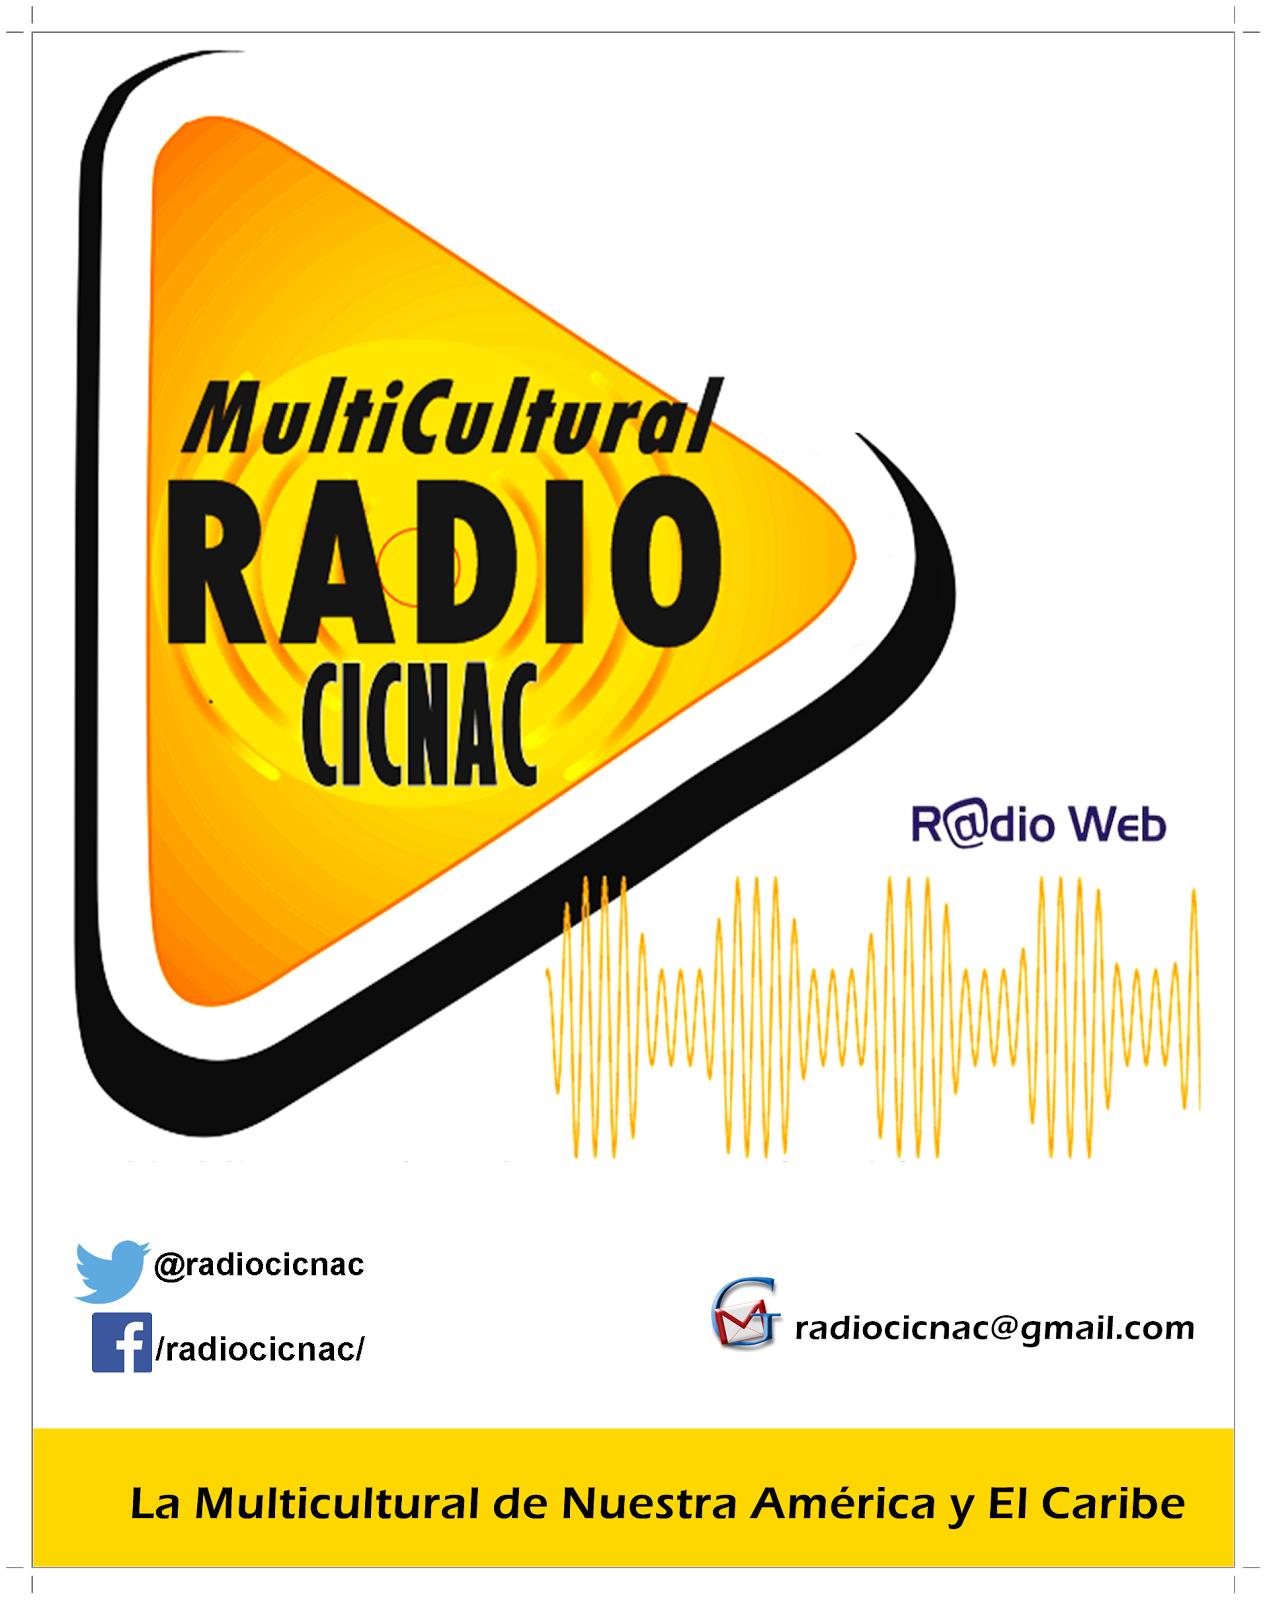 La Multicultural de Nuestra América y El Caribe